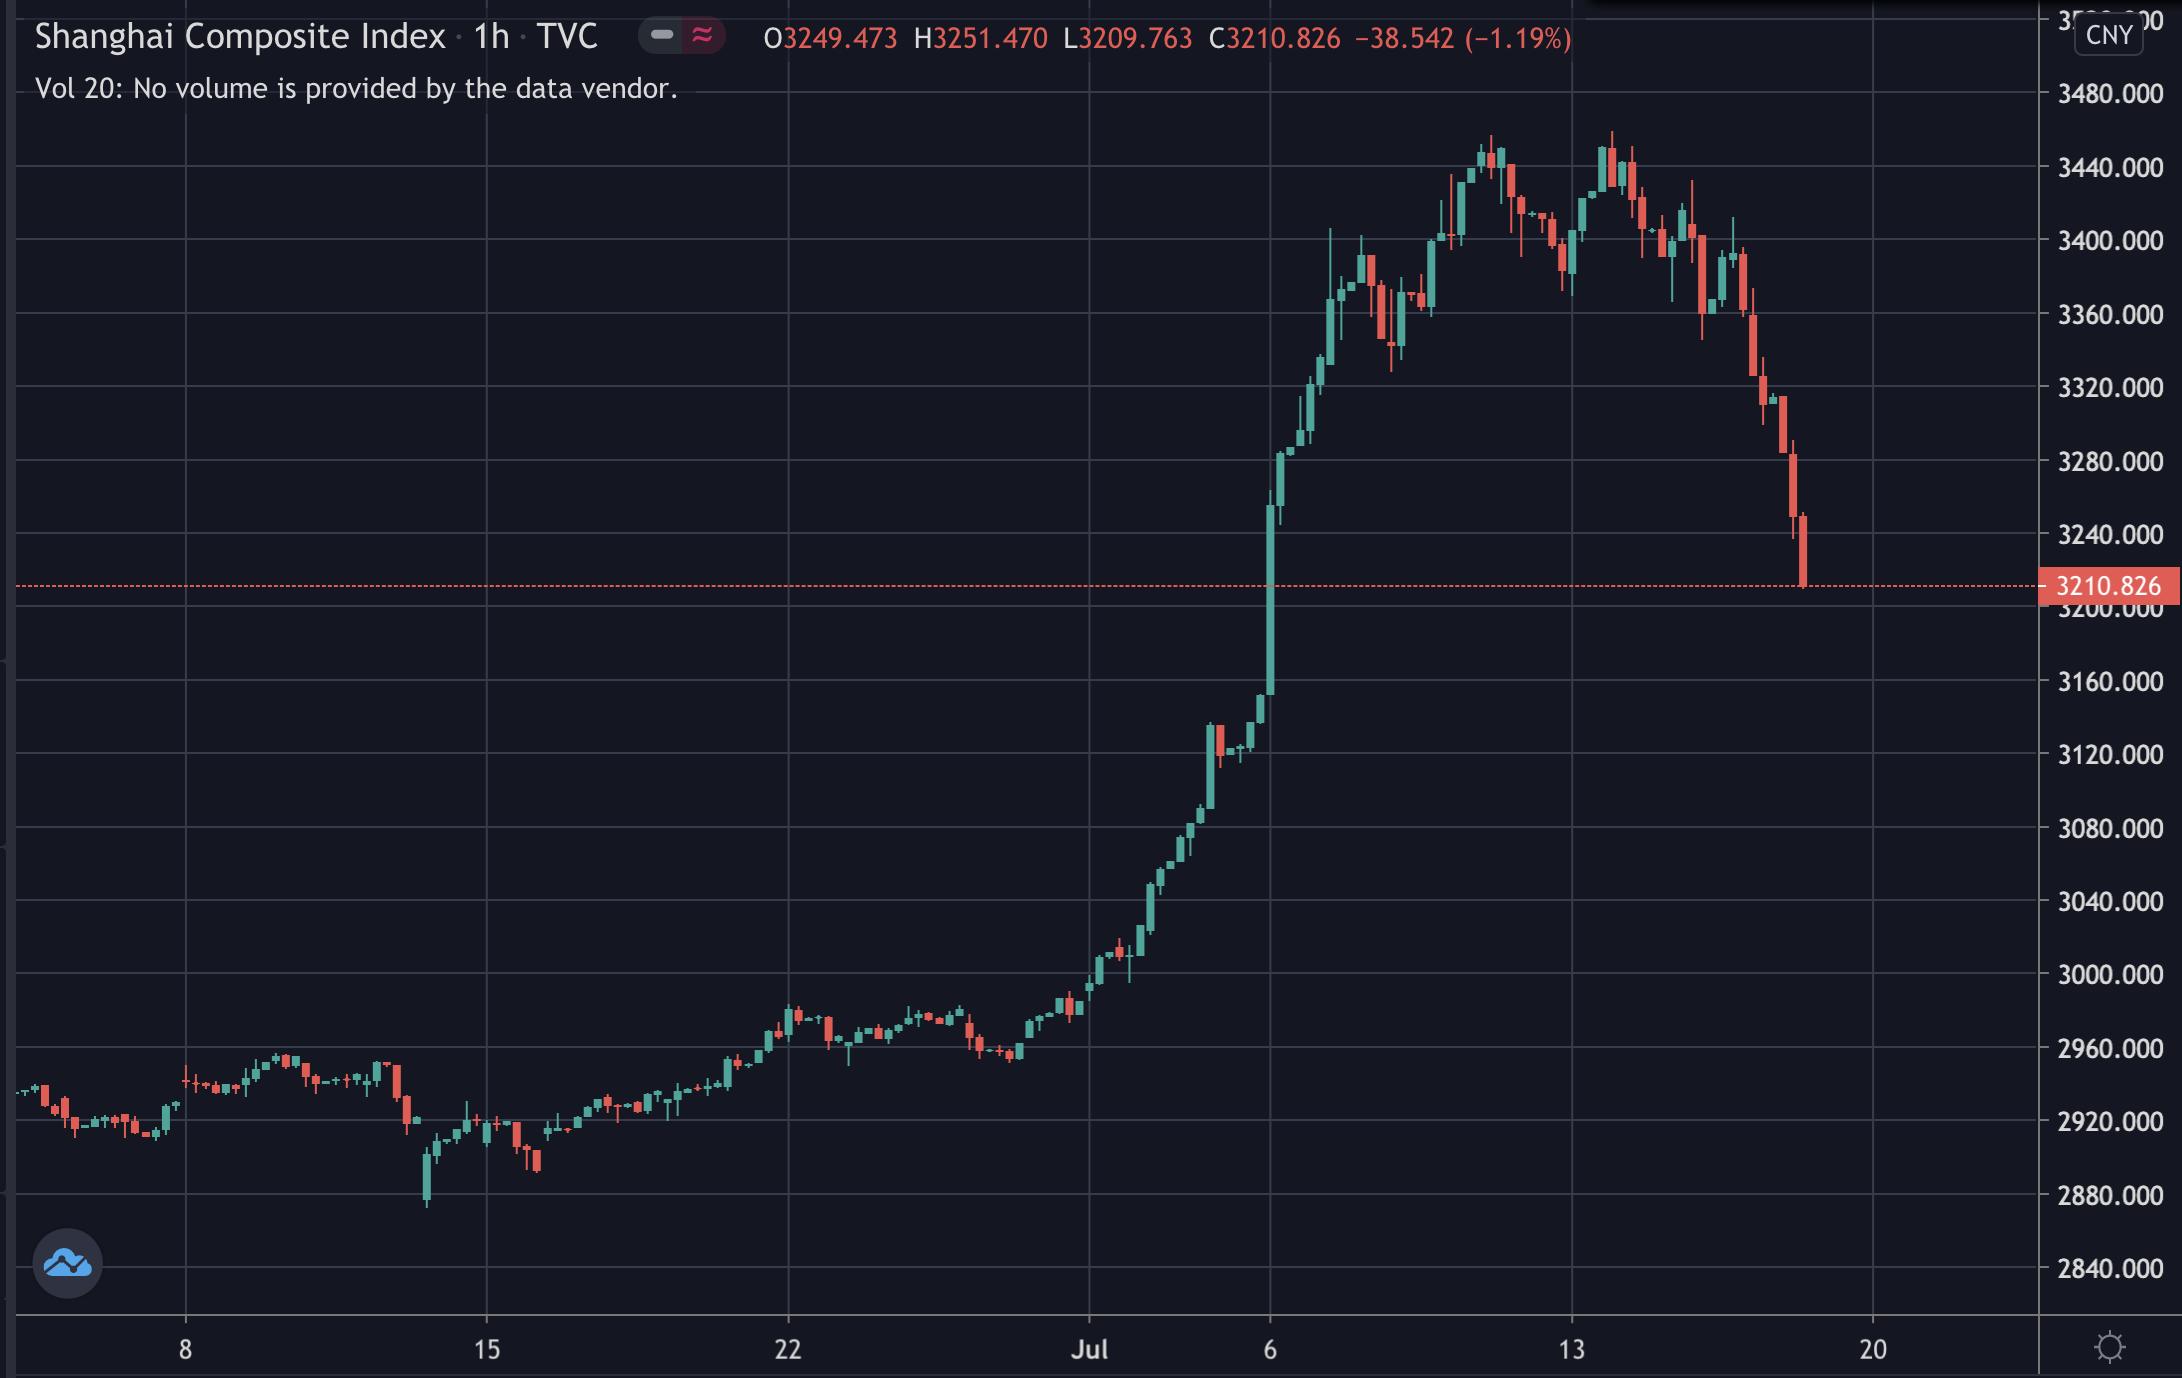 Shanghai stocks, July 2020